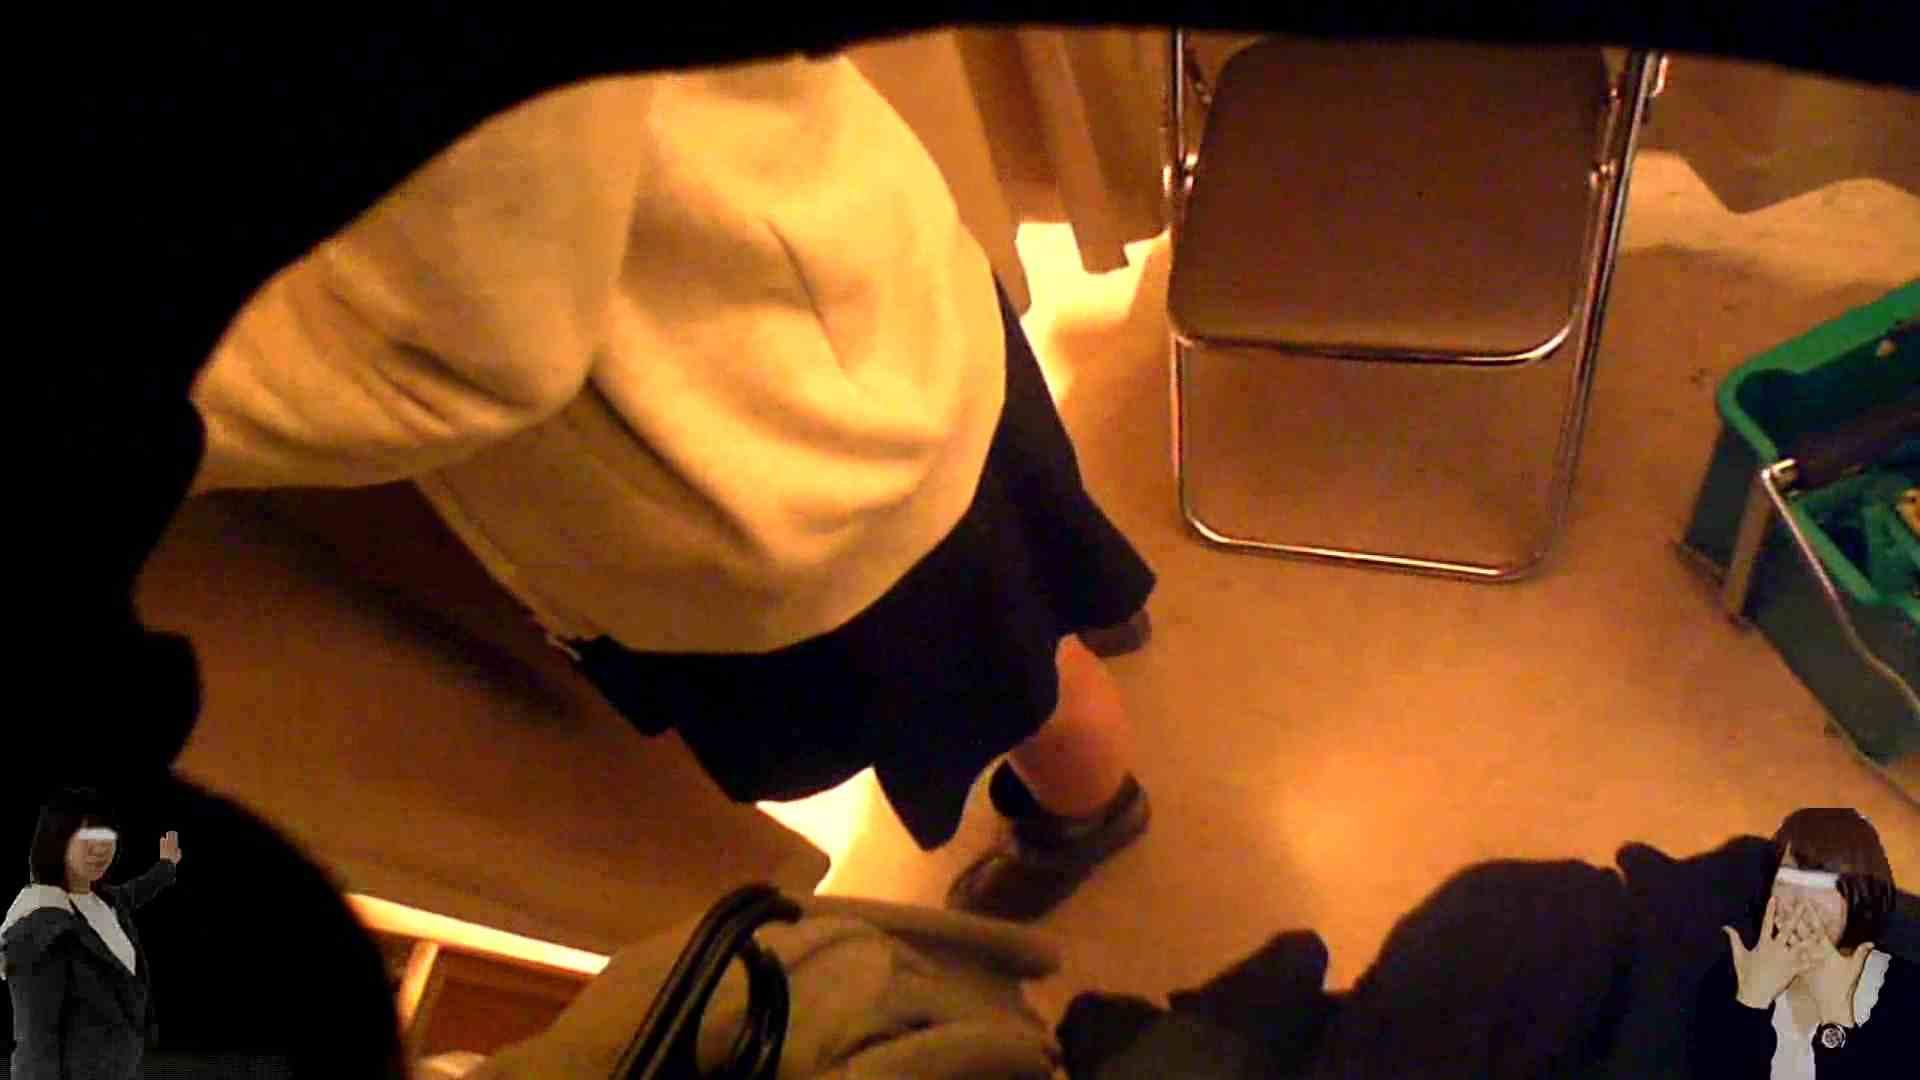 素人投稿 現役「JD」Eちゃんの着替え Vol.05 素人丸裸 おめこ無修正動画無料 78pic 23